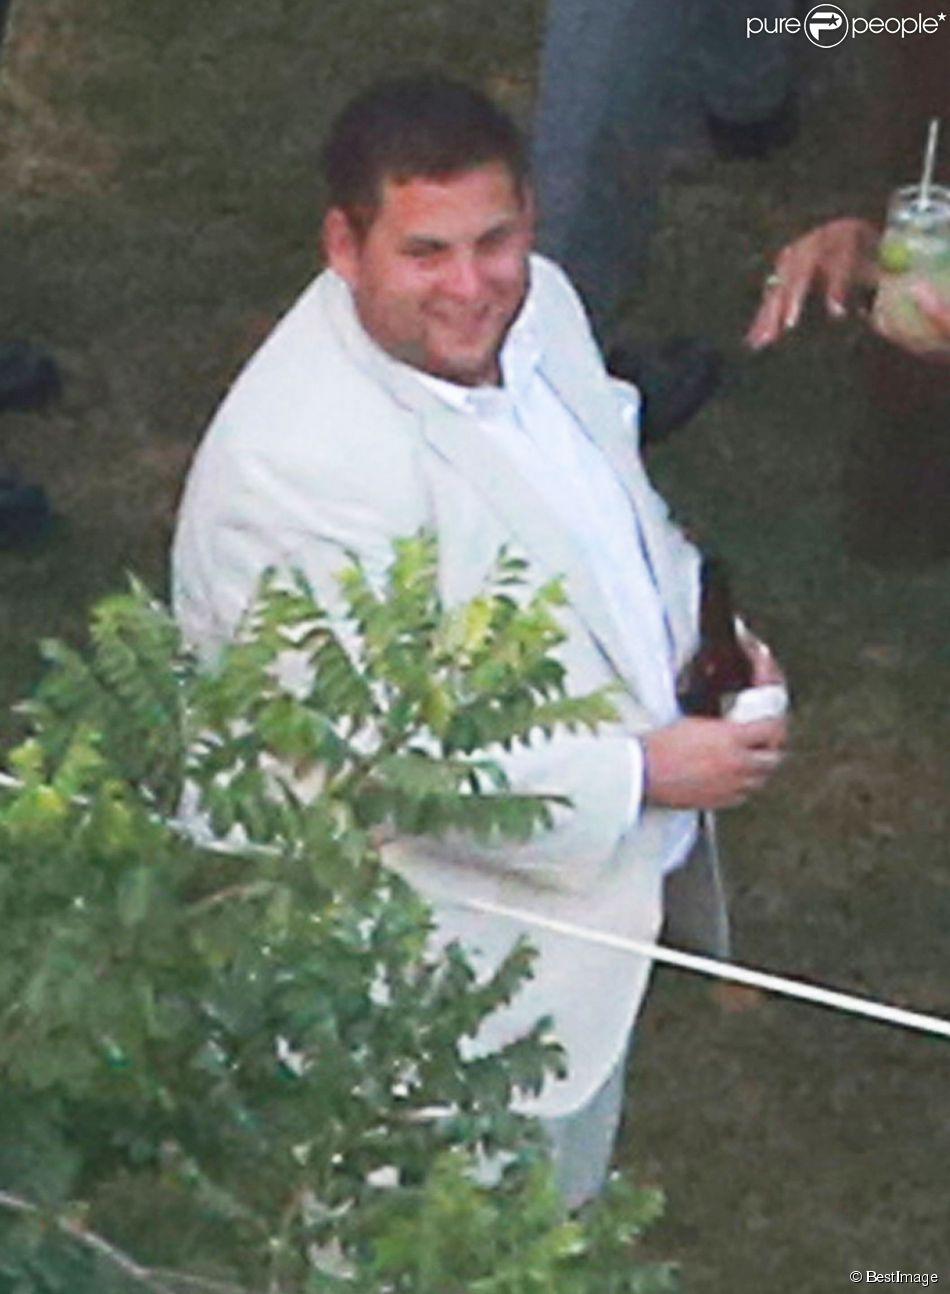 Exclusif - L'acteur Jonah Hill au mariage de Behati Prinsloo et Adam Levine à la Flora Farm à Los Cabos, le 19 juillet 2014. C'est lui qui a uni le couple pendant la cérémonie